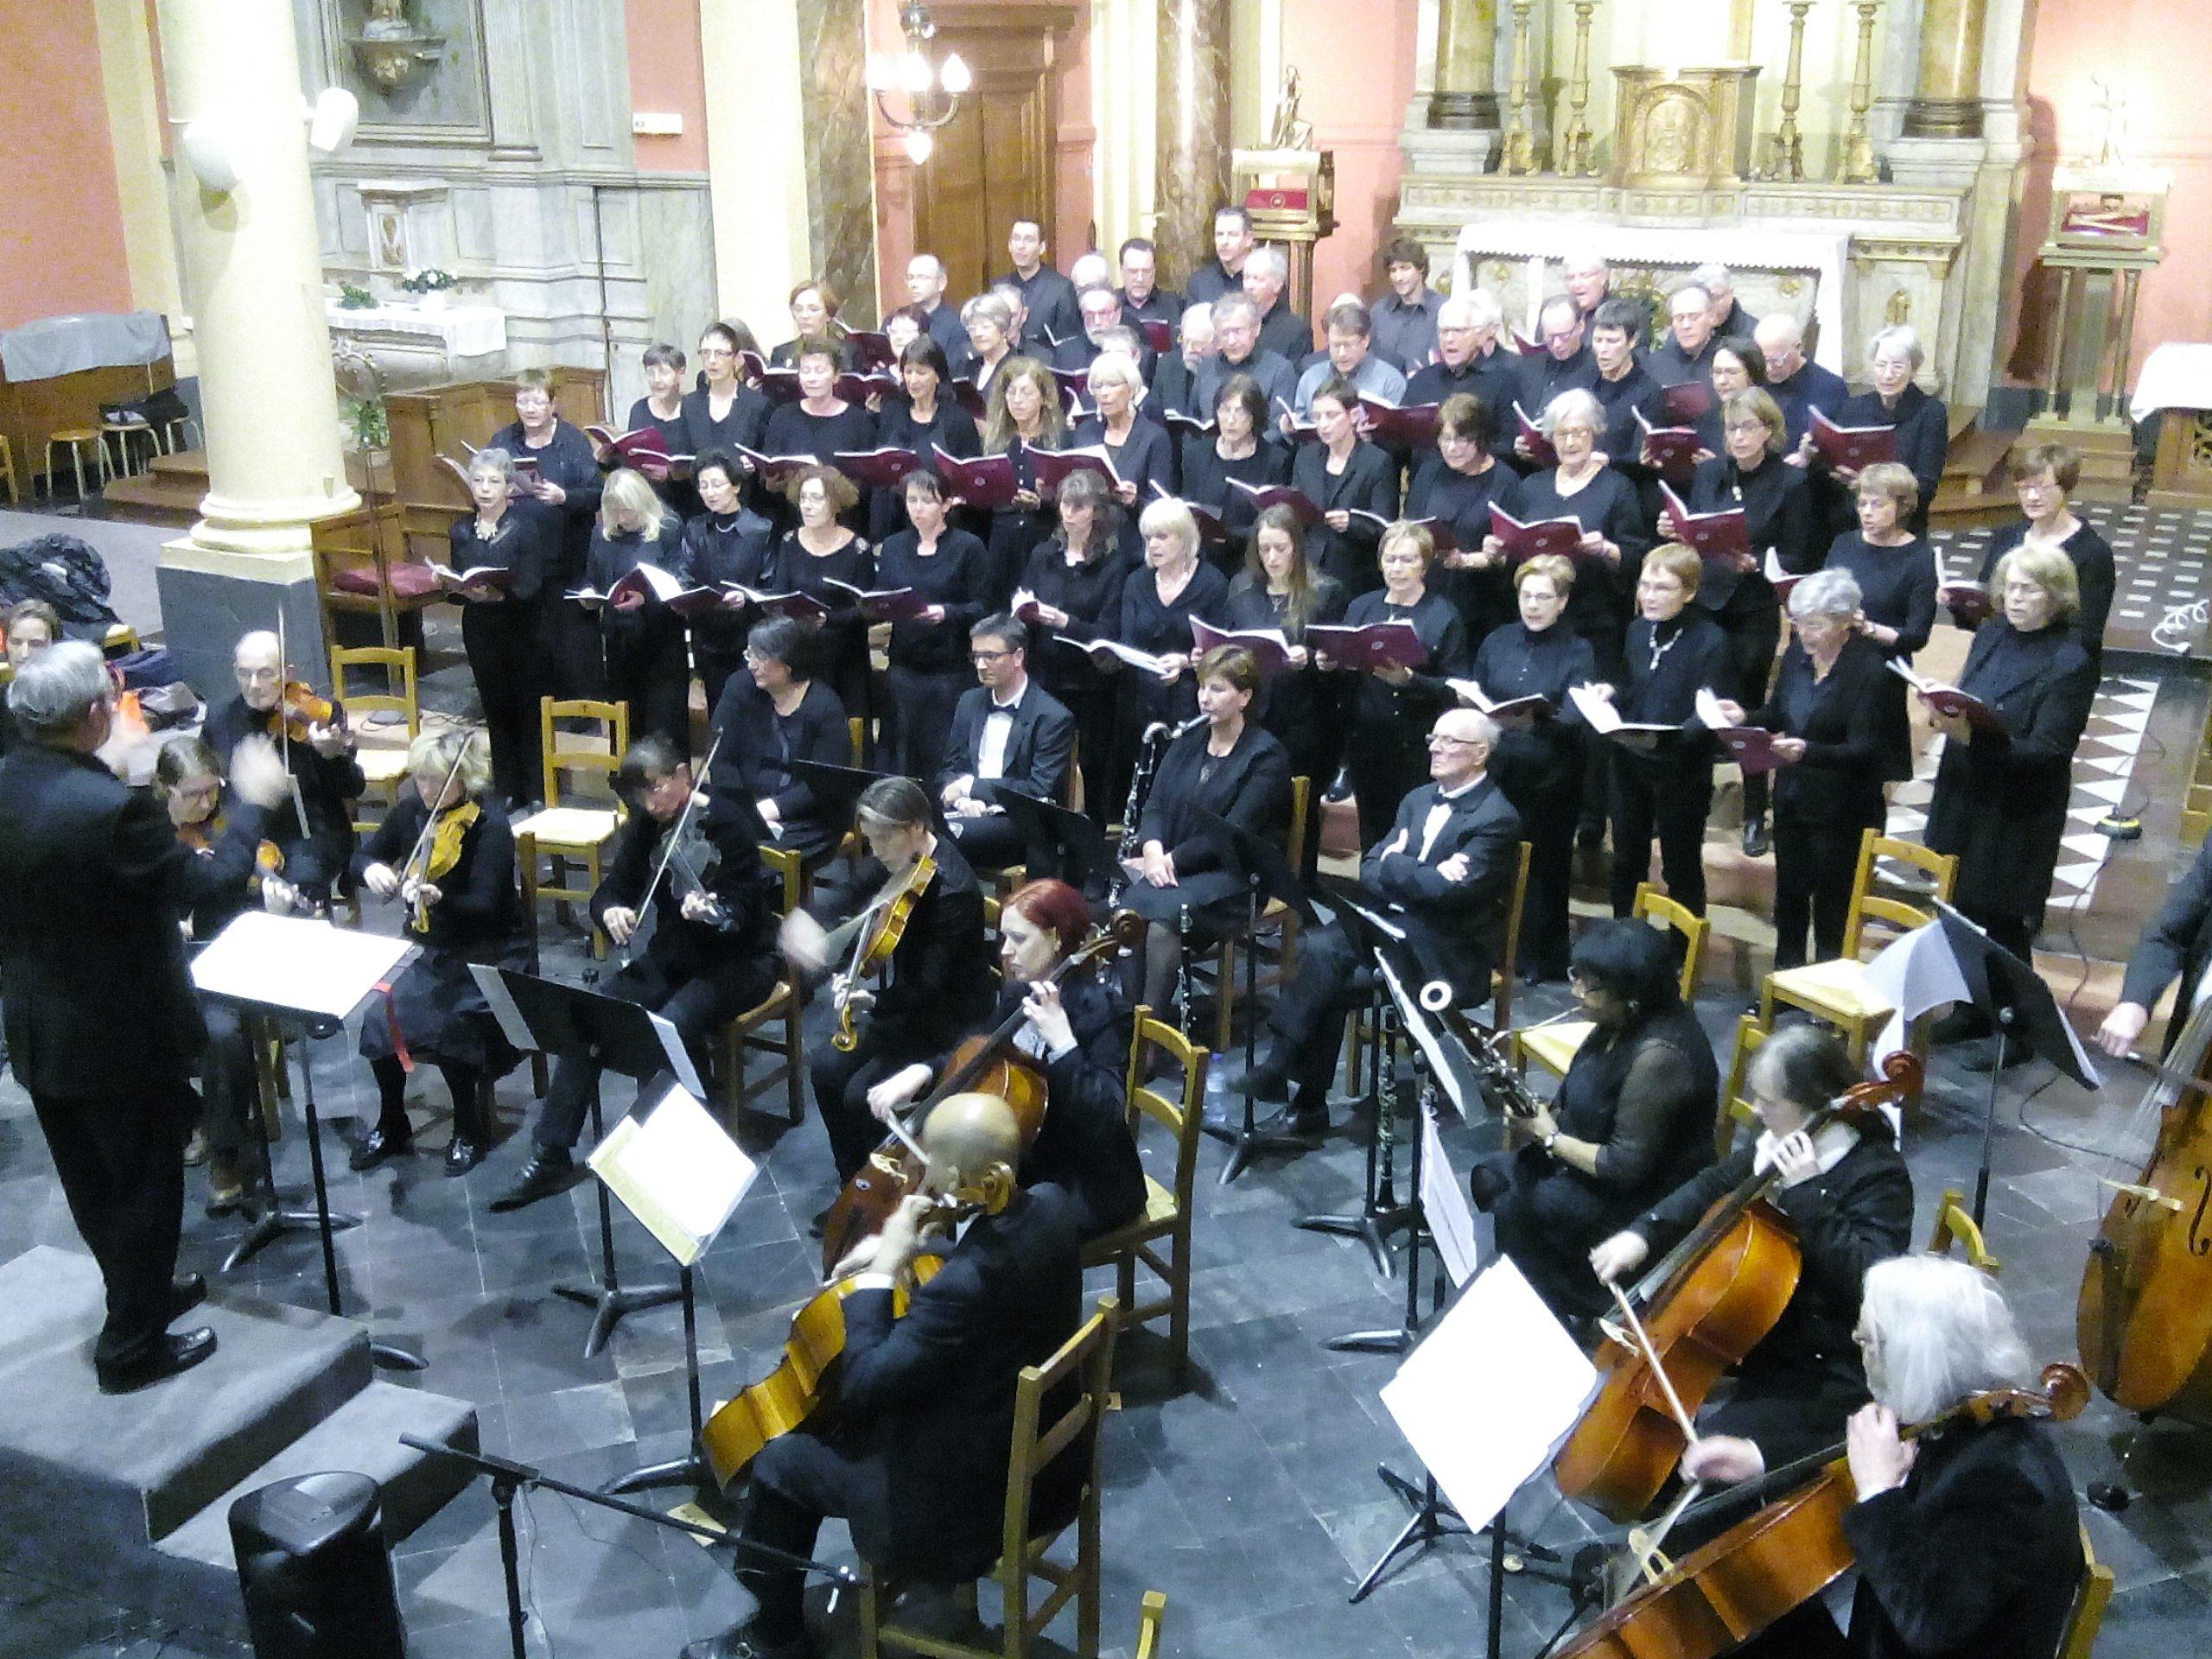 Chorale Cysoinf en Chœur - Avec L'Hamadryade et l'Orchestre de chambre de Villeneuve d'Ascq Concert à l'église de Flers Bourg - Mars 2017